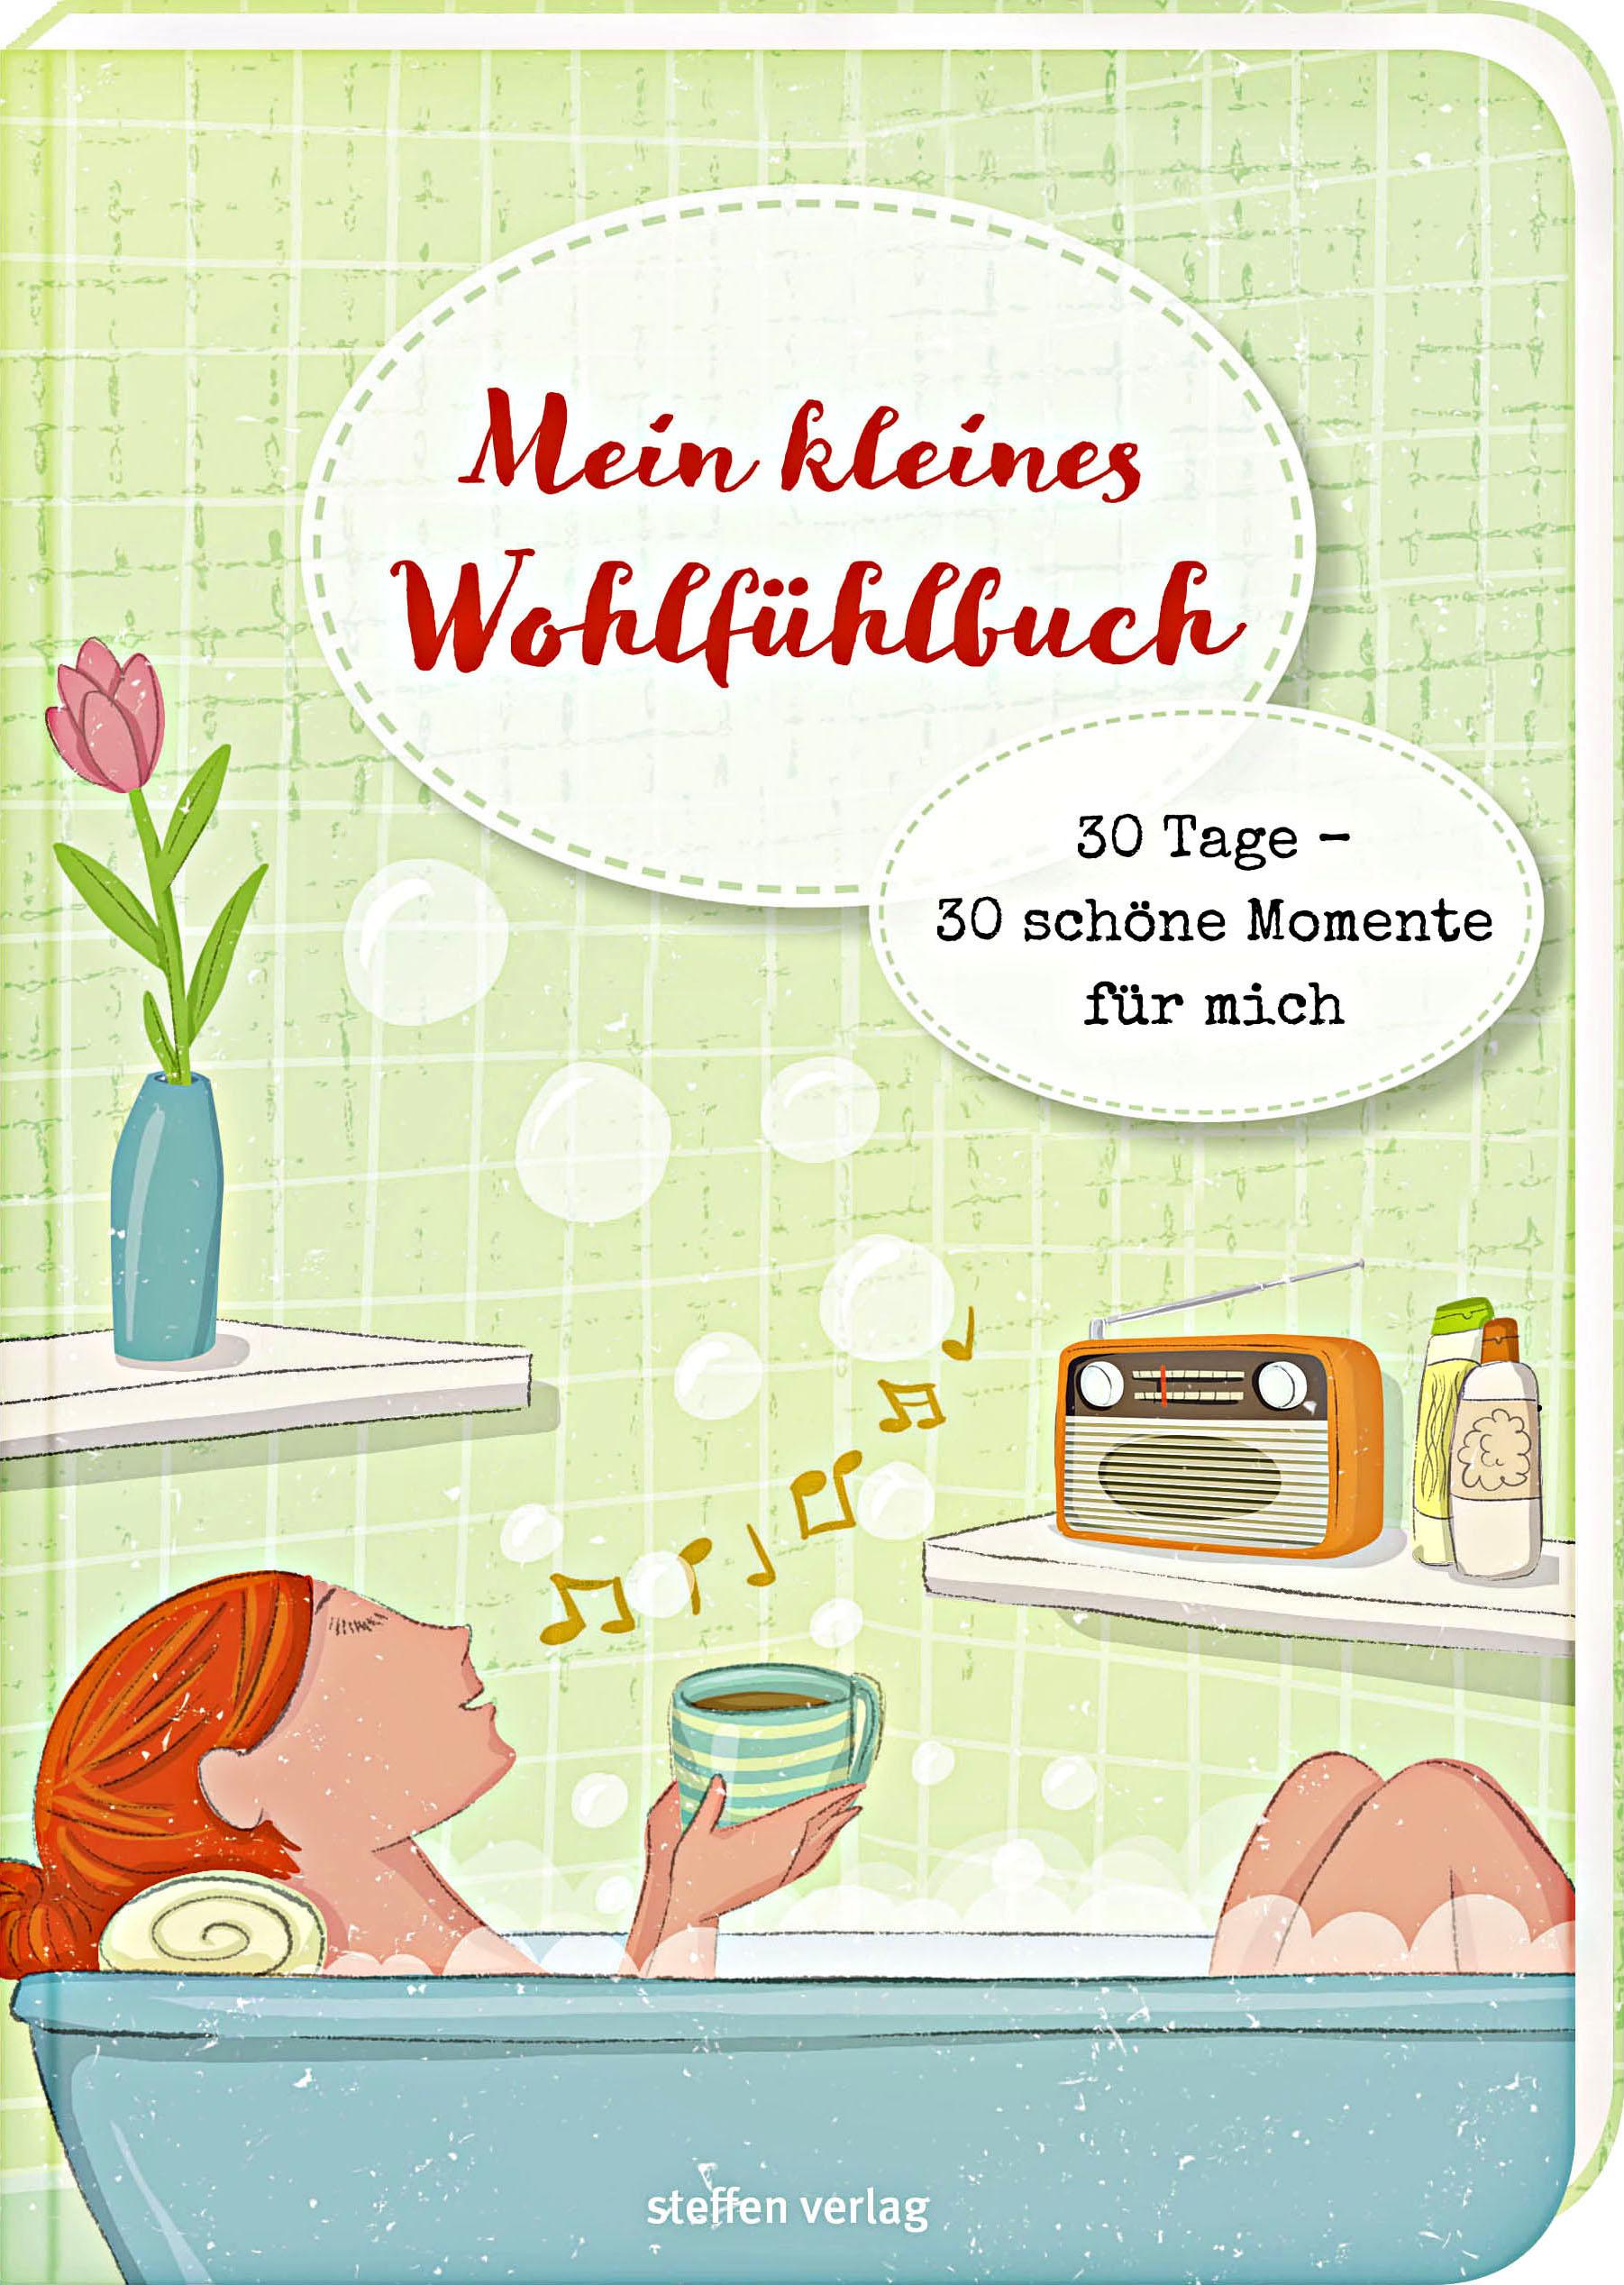 Hermerath_Kurzbach_Wohlfuehlbuch_3DpcDgMqpWX9Za9